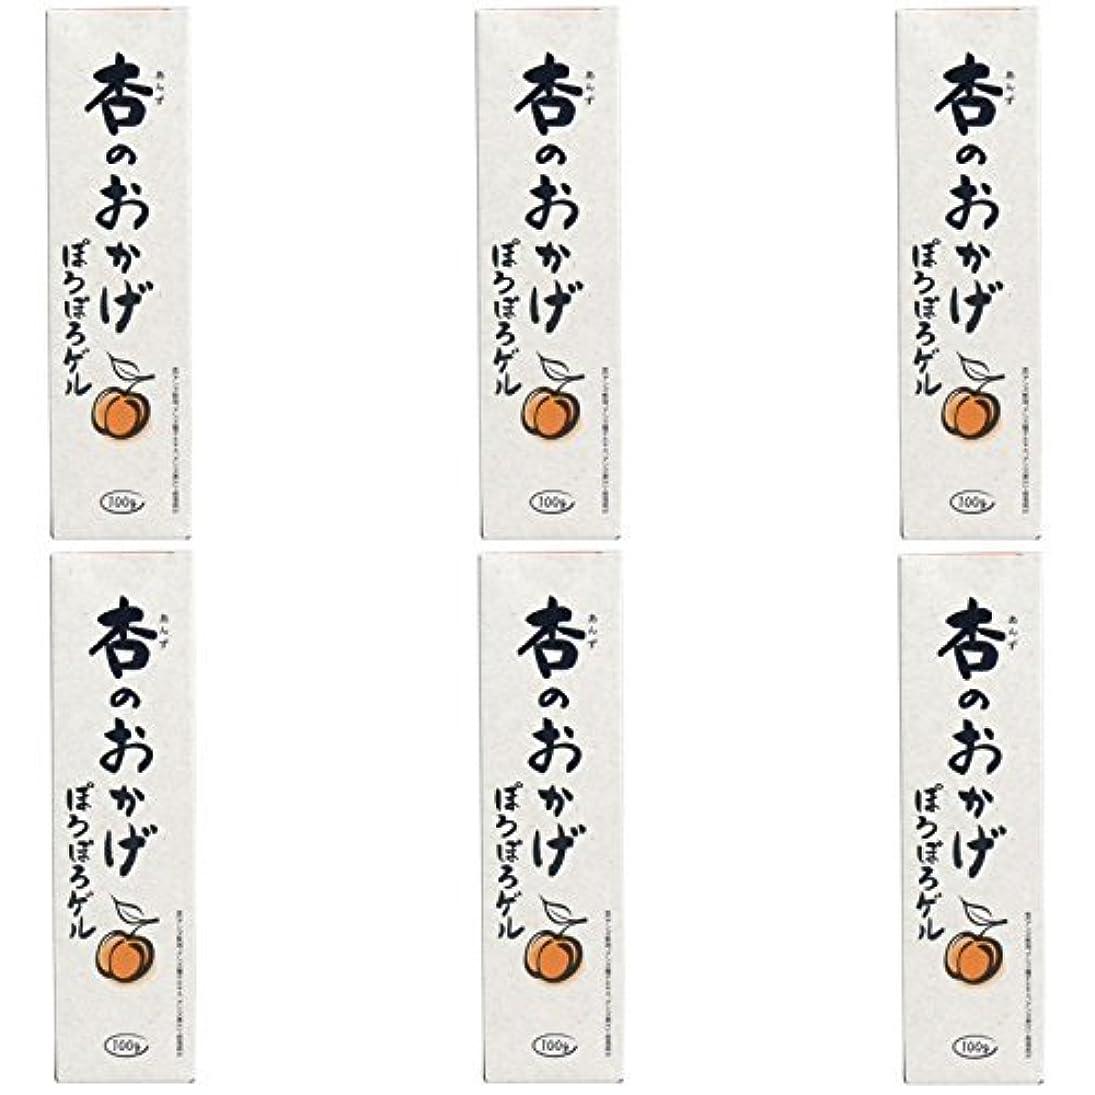 無し学んだ医薬品【まとめ買い】杏のおかげ ぽろぽろゲル 100g【×6個】